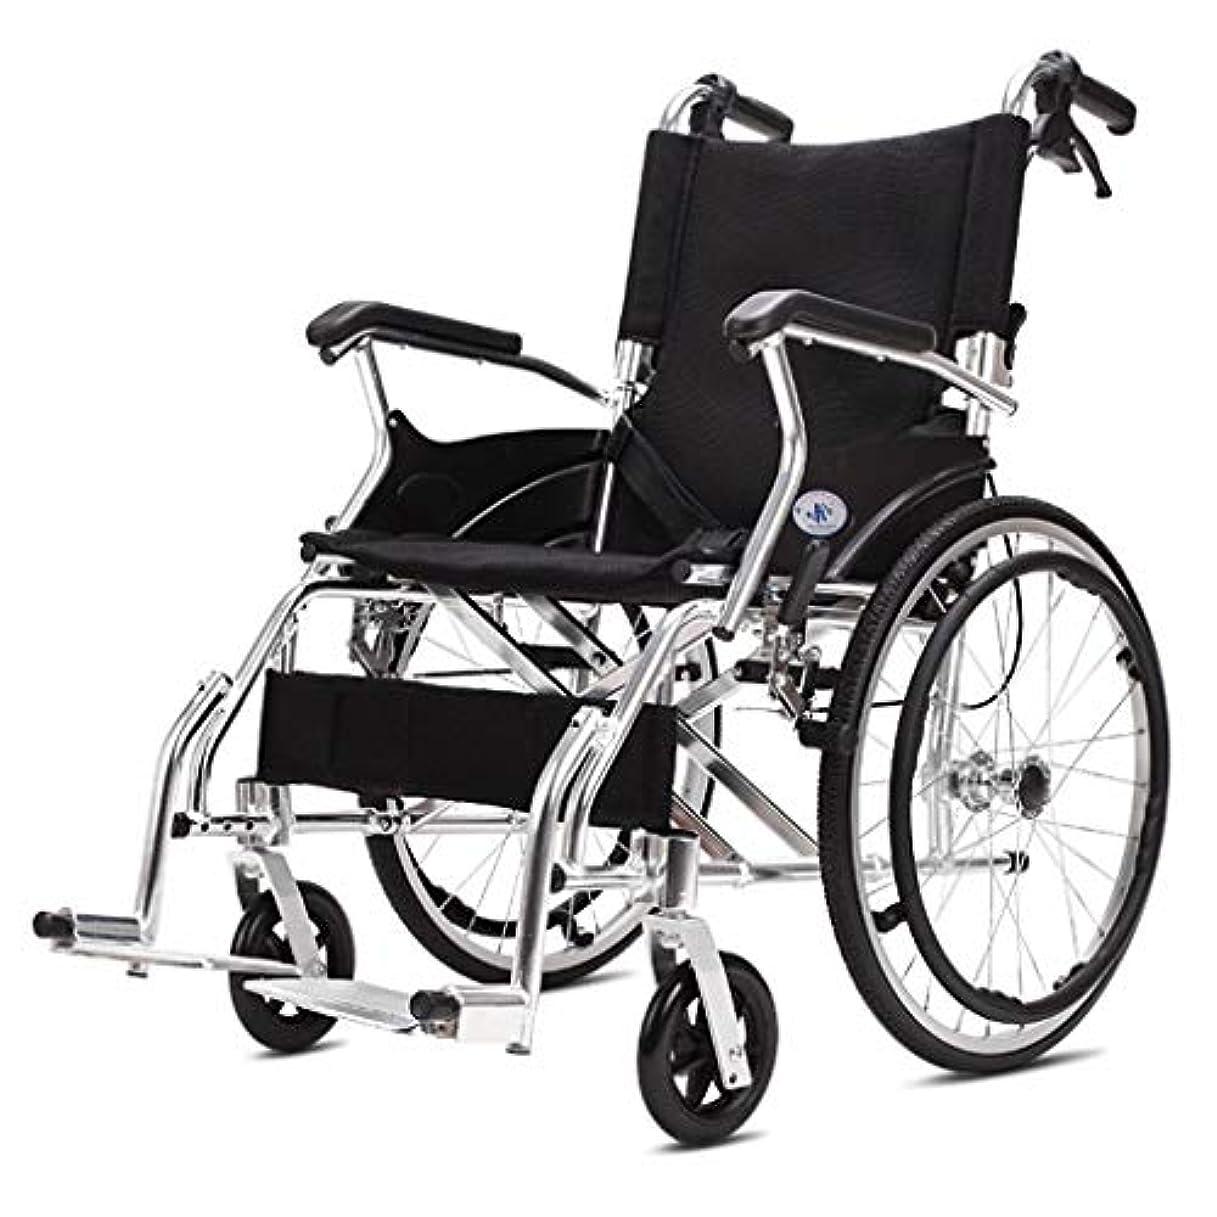 側面に対応告白する車椅子多機能取り外し可能なレギンス、高齢者向けアルミニウム合金、身体障害者用旅行折りたたみ式ポータブルトロリー車椅子